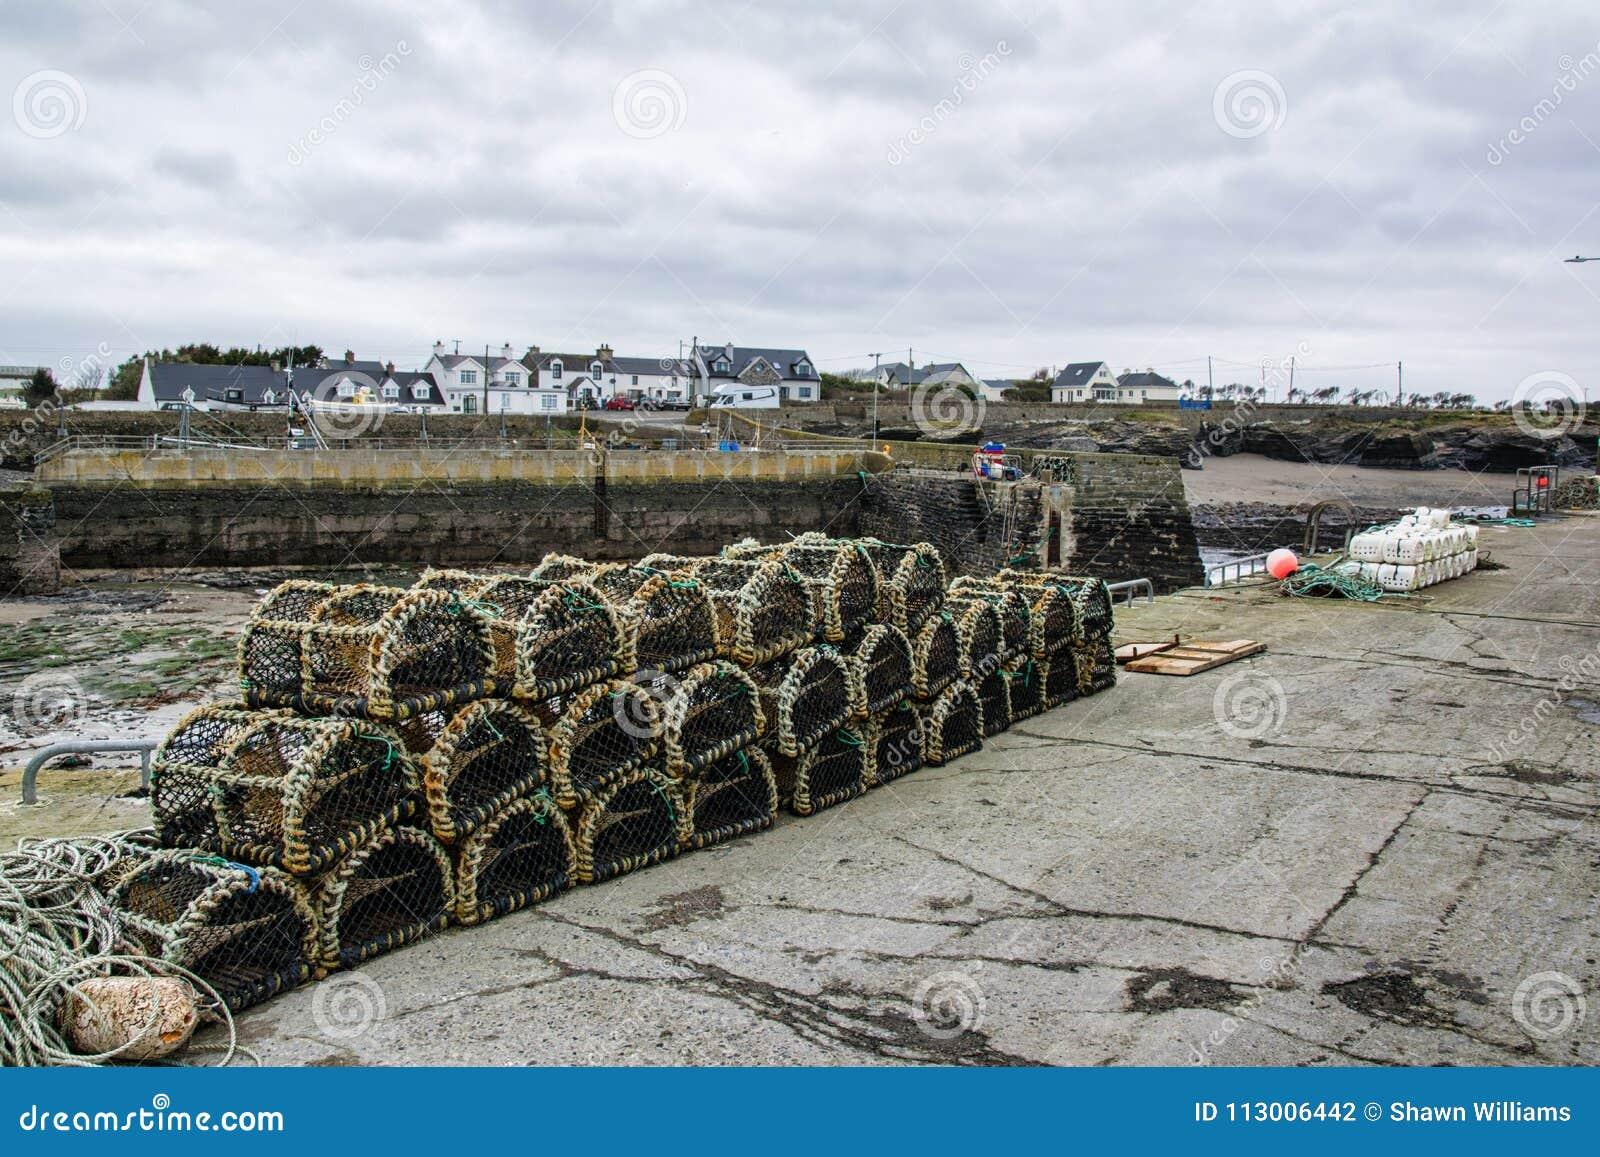 Potenciômetros de lagosta empilhados em uma aldeia piscatória irlandesa